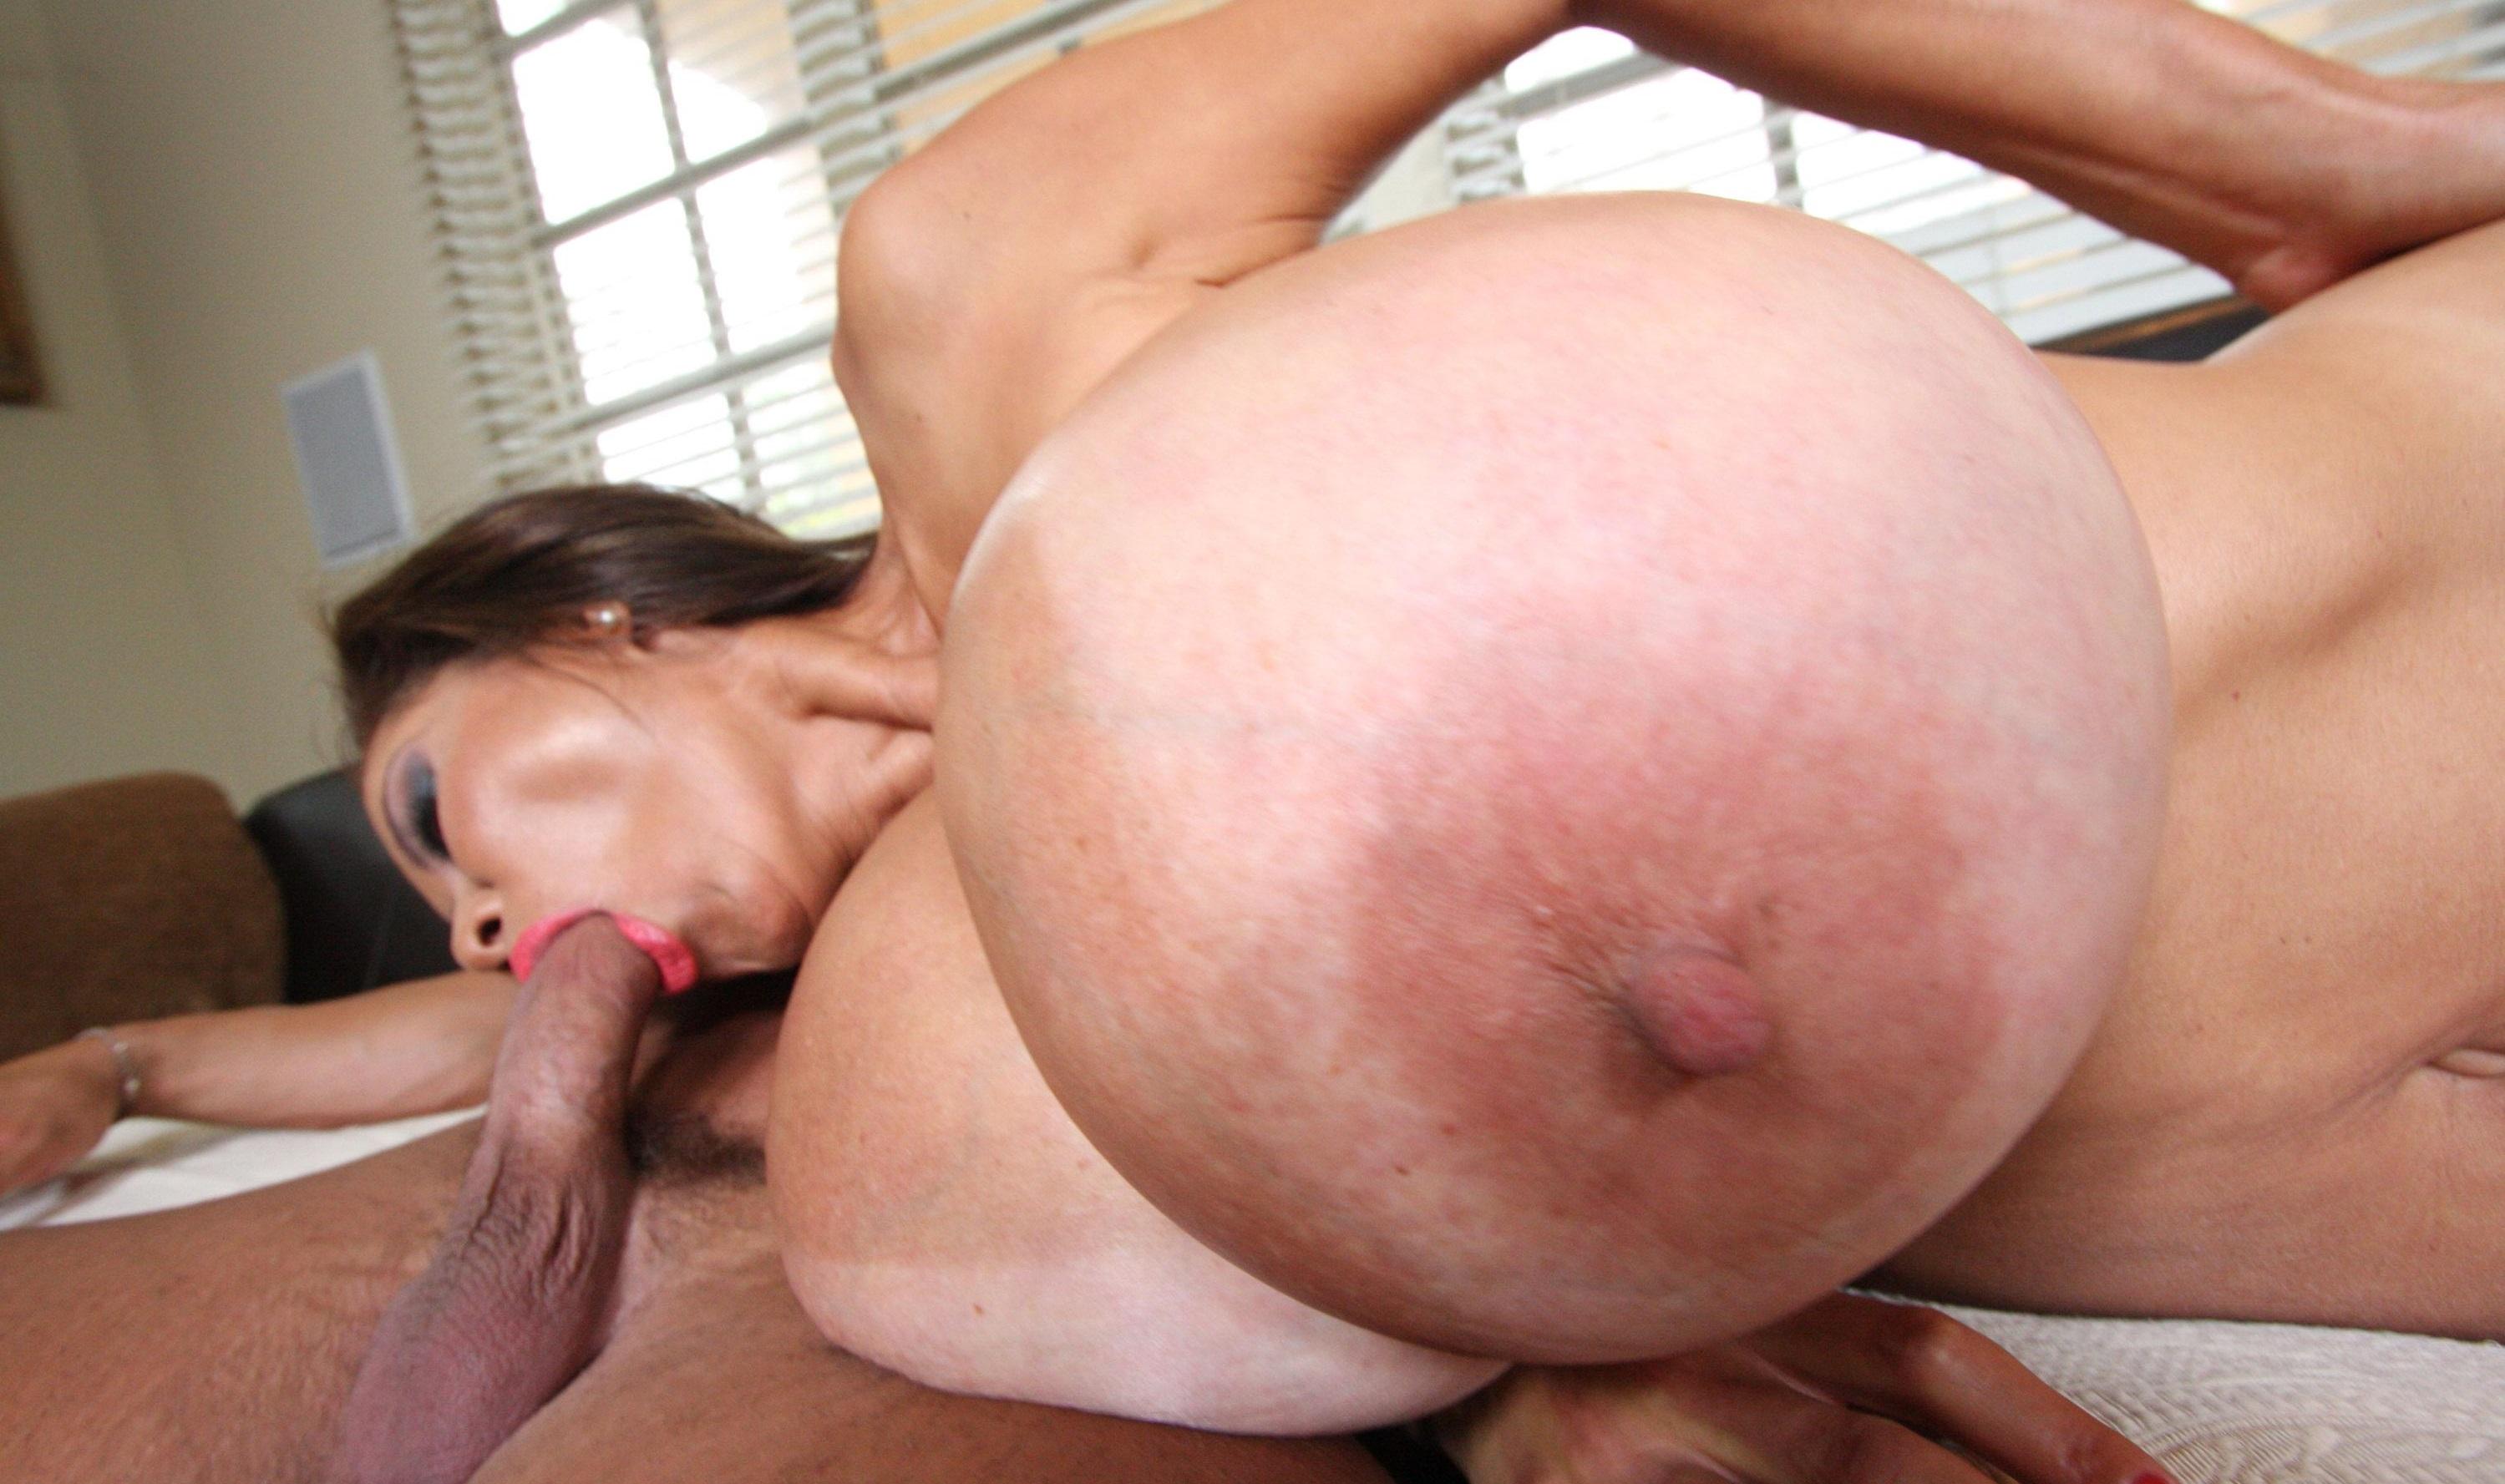 Титьки порно онлайн 36